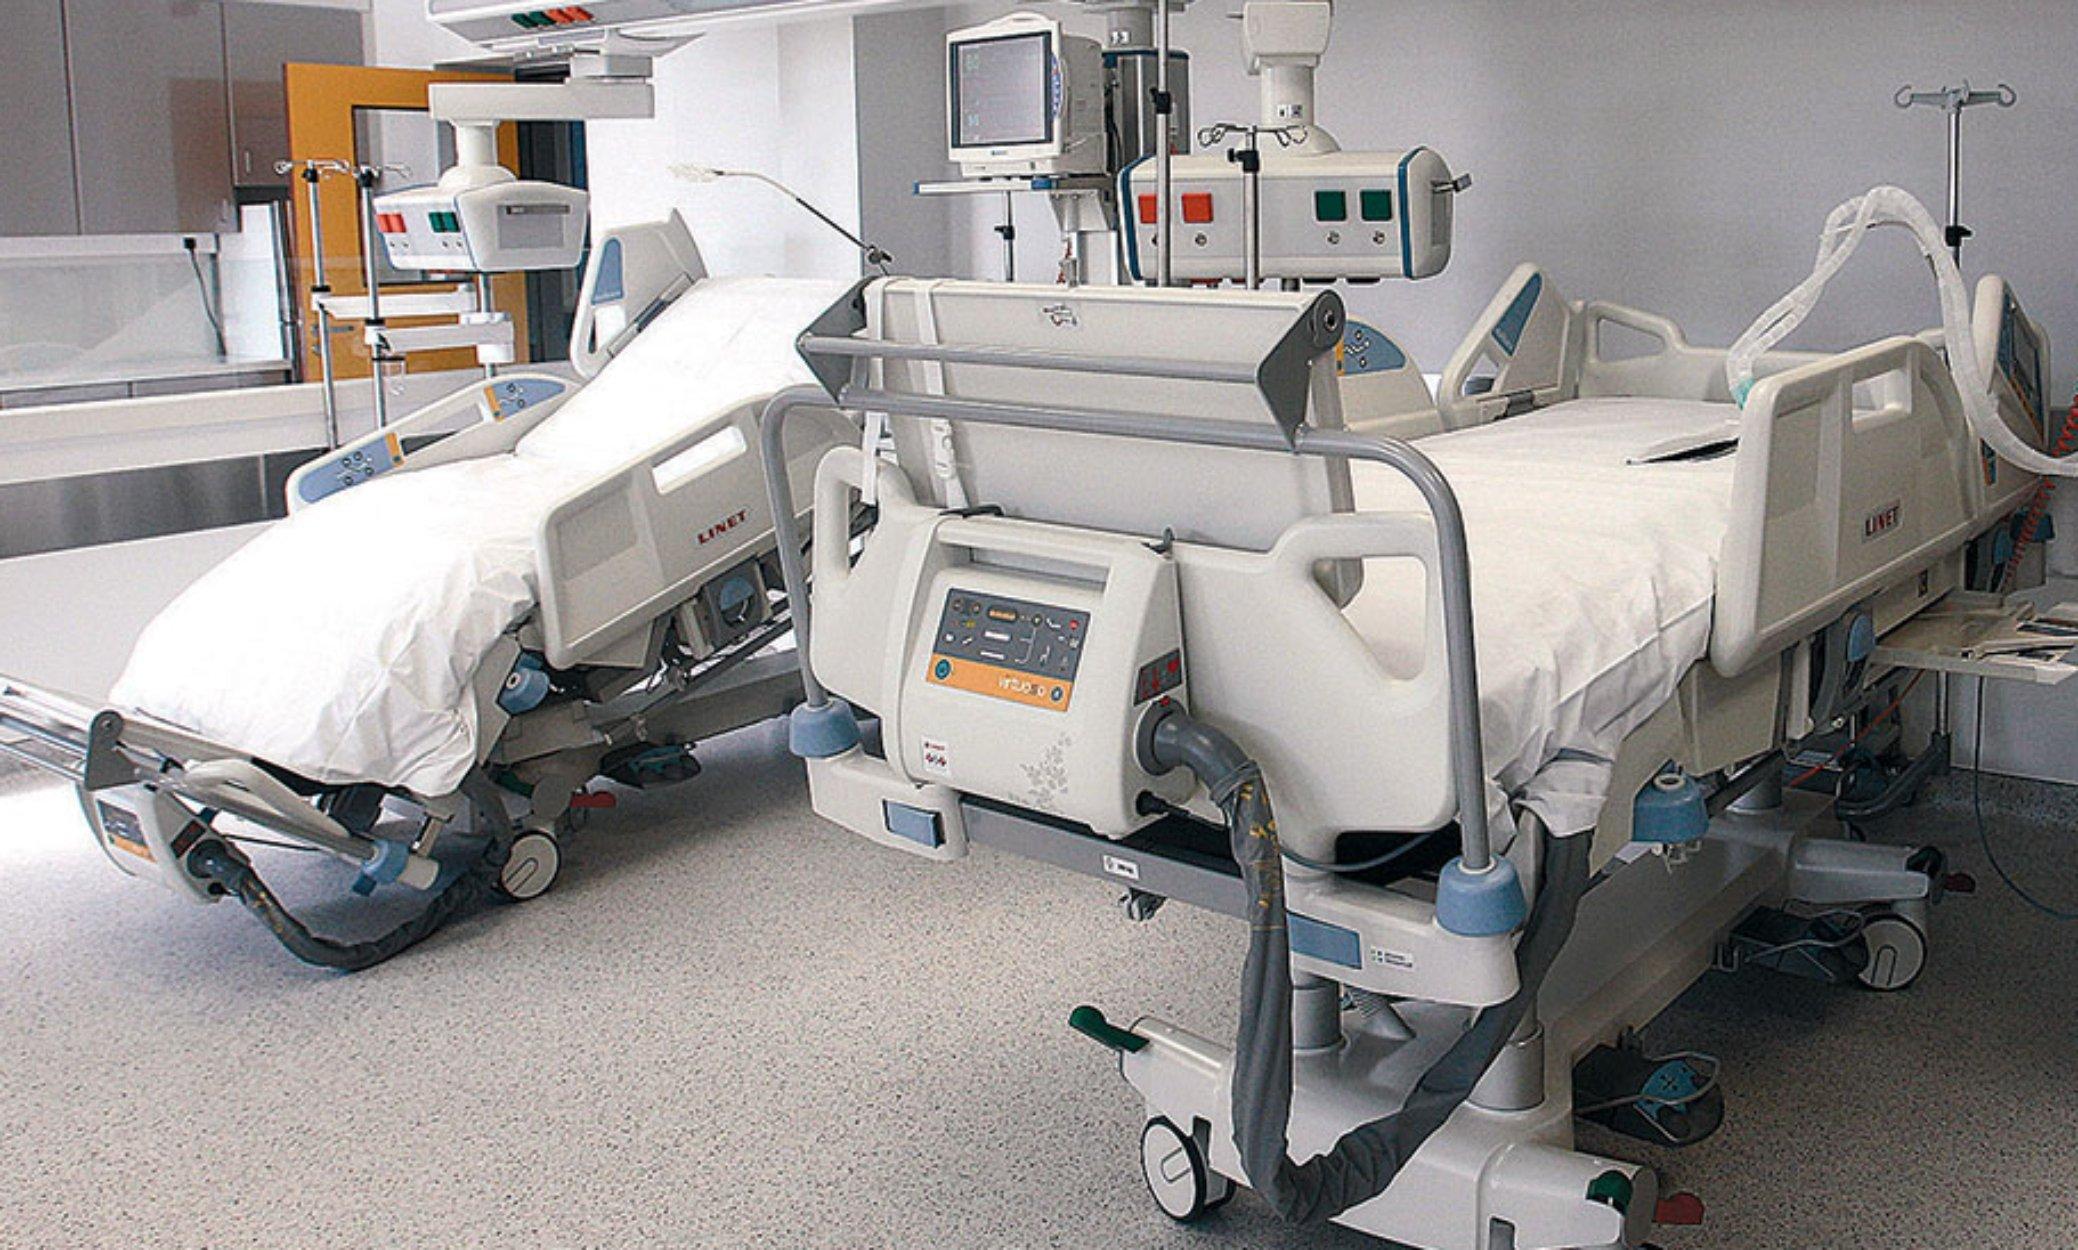 Κρούσματα σήμερα 9/3: Δύο ιδιωτικές κλινικές μπαίνουν στη μάχη απέναντι στον ιό